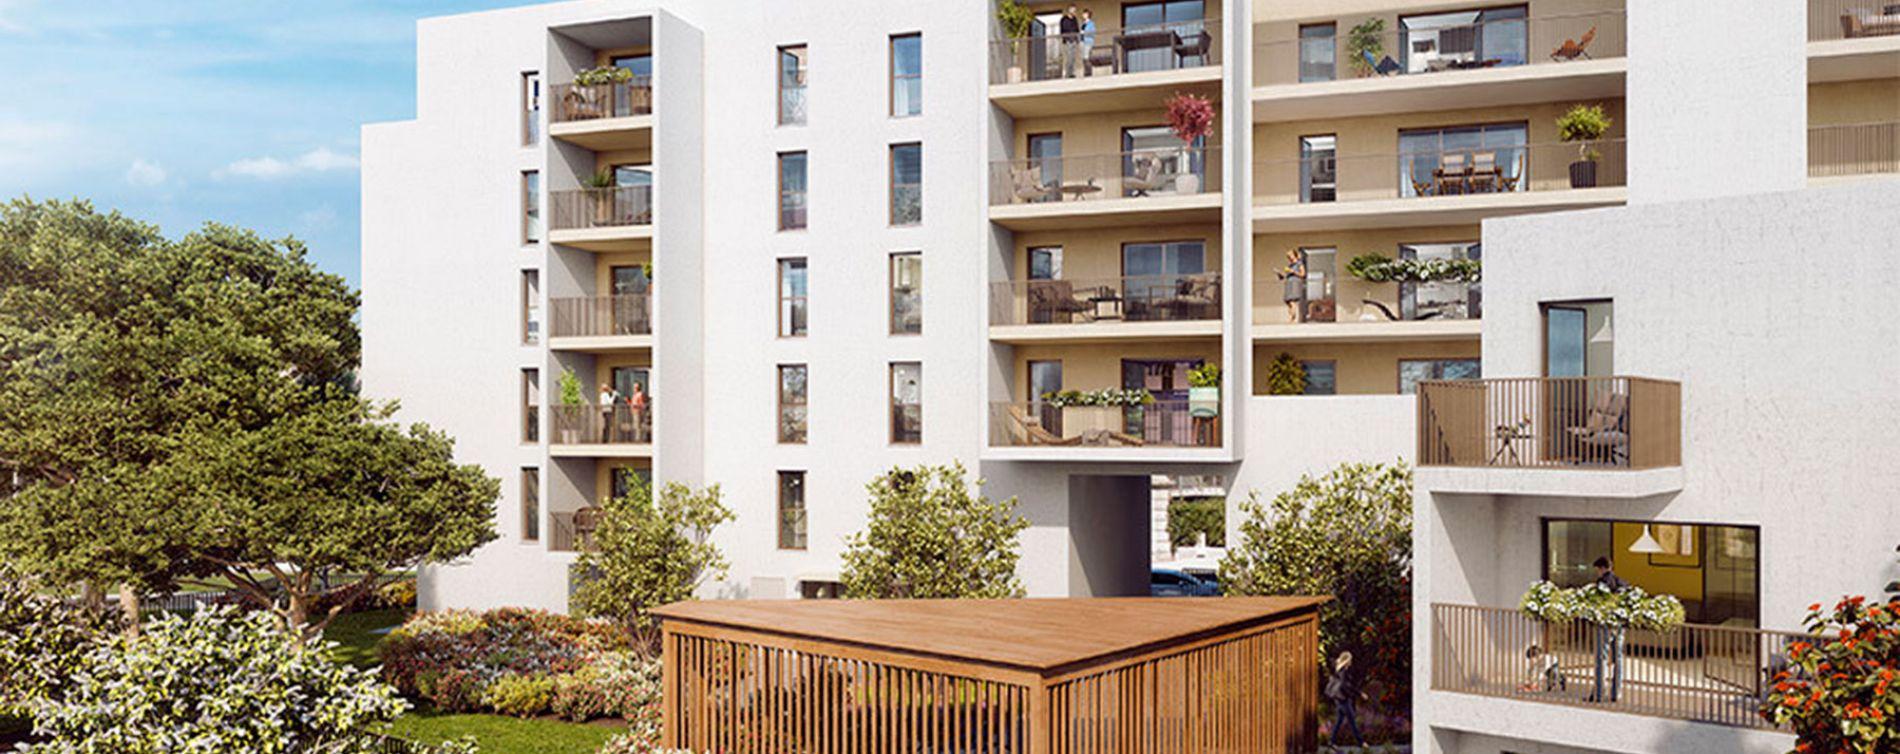 Résidence Infinitë à Montpellier